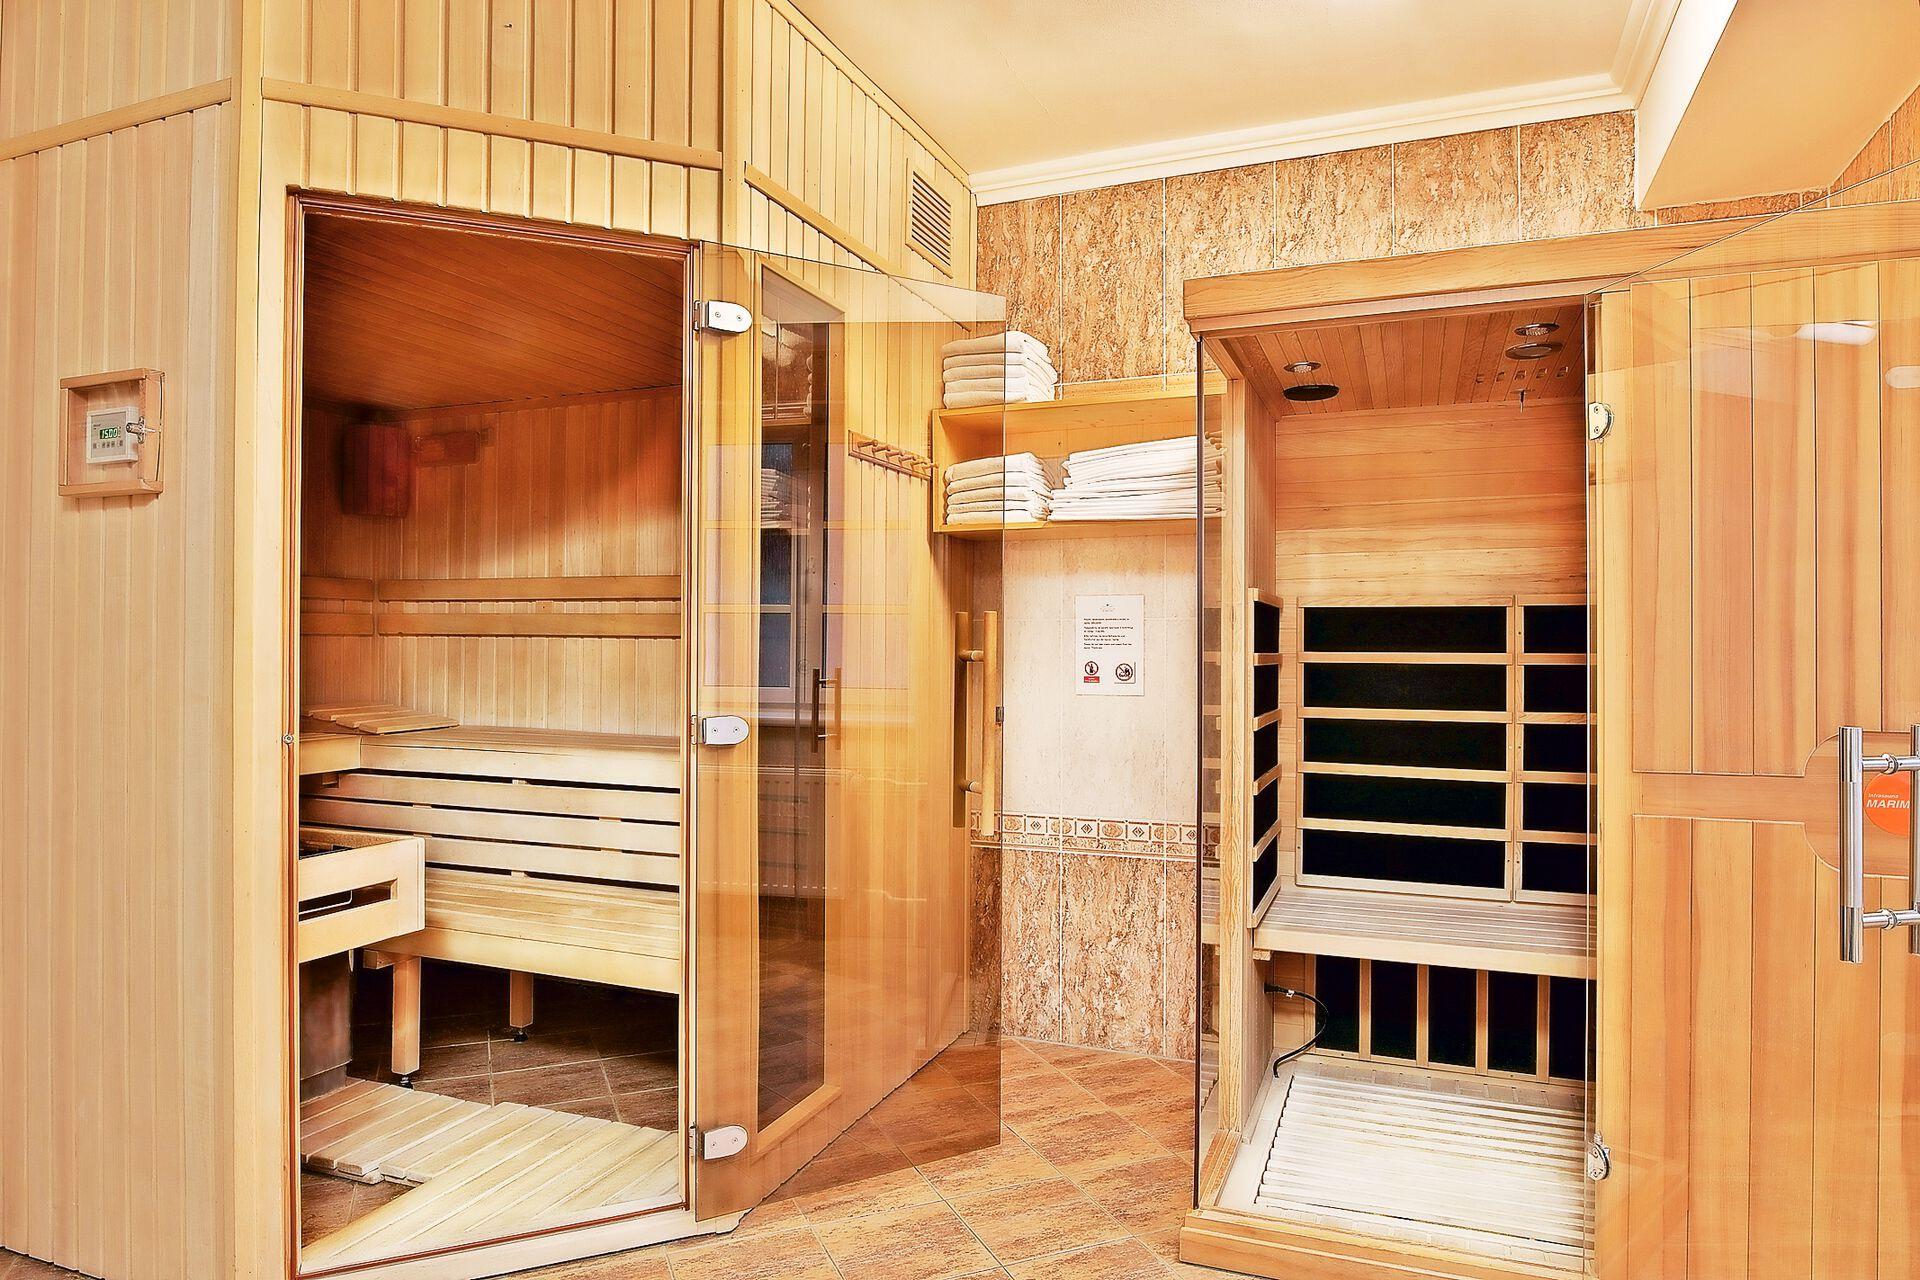 Wellnessbereich in Ihrem 4 Sterne Villa Savoy Spa Park Hotel